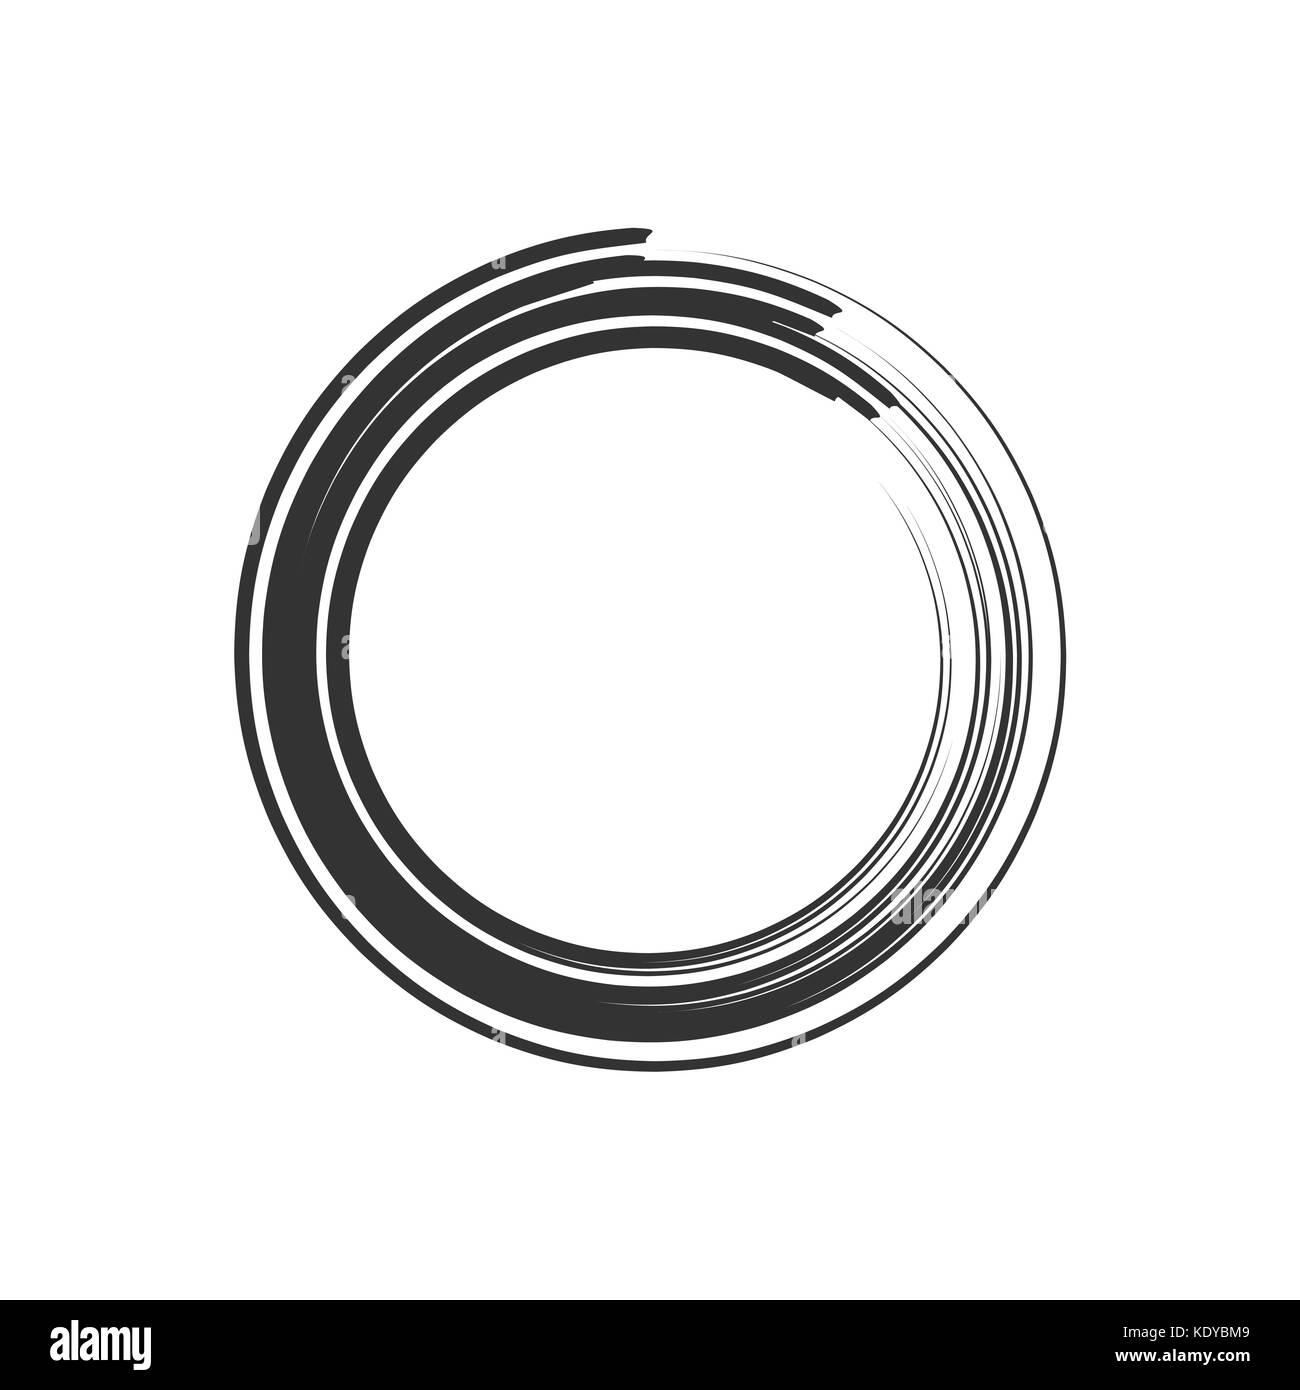 Bold Ink Brush Zen Symbol - Stock Image